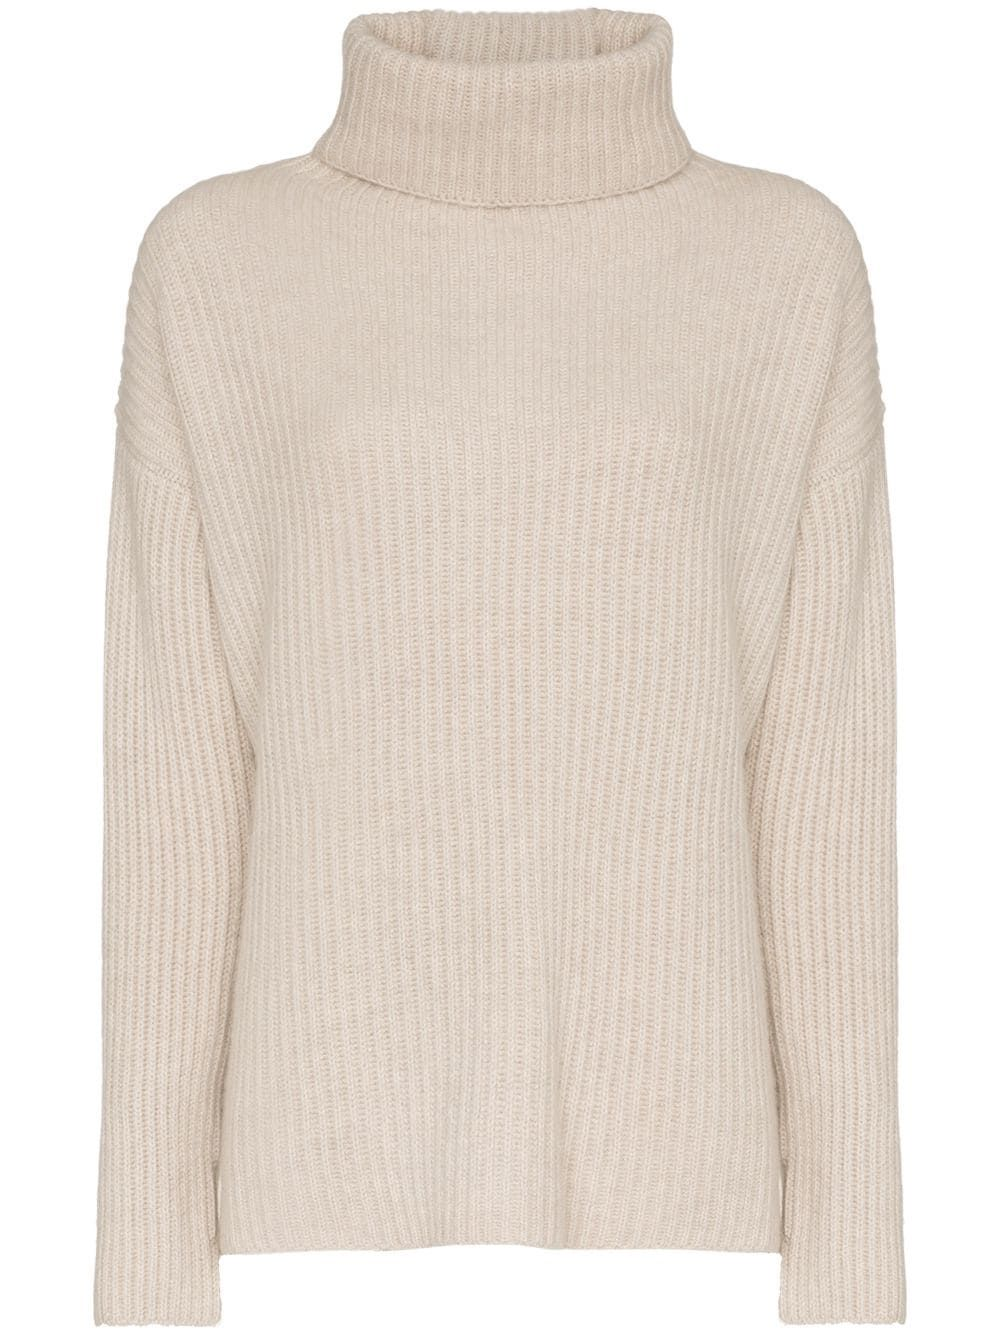 c72451cf35d722 Le Kasha lisbon cashmere roll neck jumper - Neutrals   Fashion ...